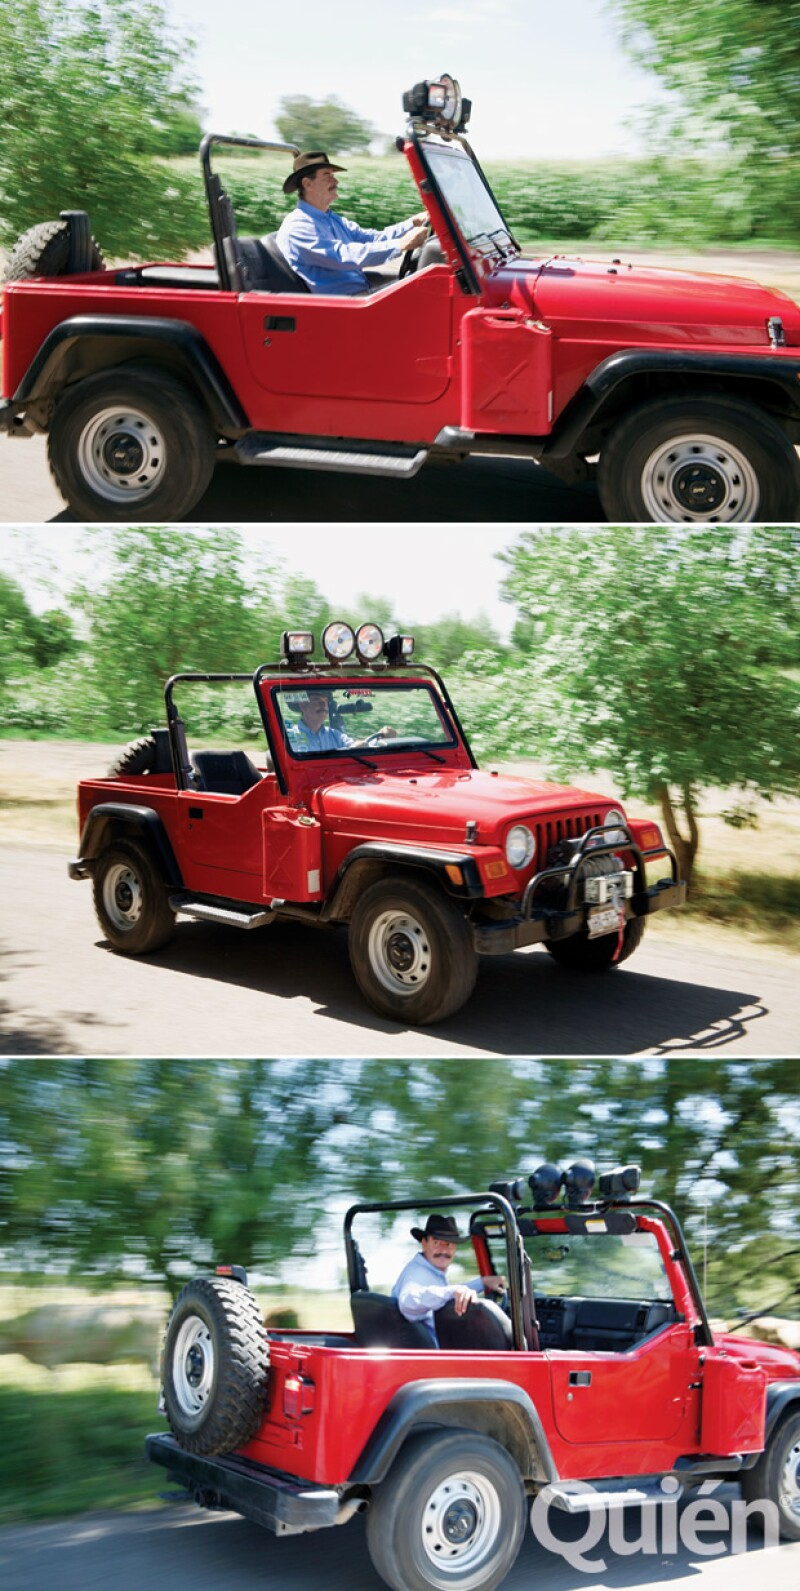 Aquí en su Jeep favorito. También tiene un Hummer en un estacionamiento techado, con capacidad para 15 coches.